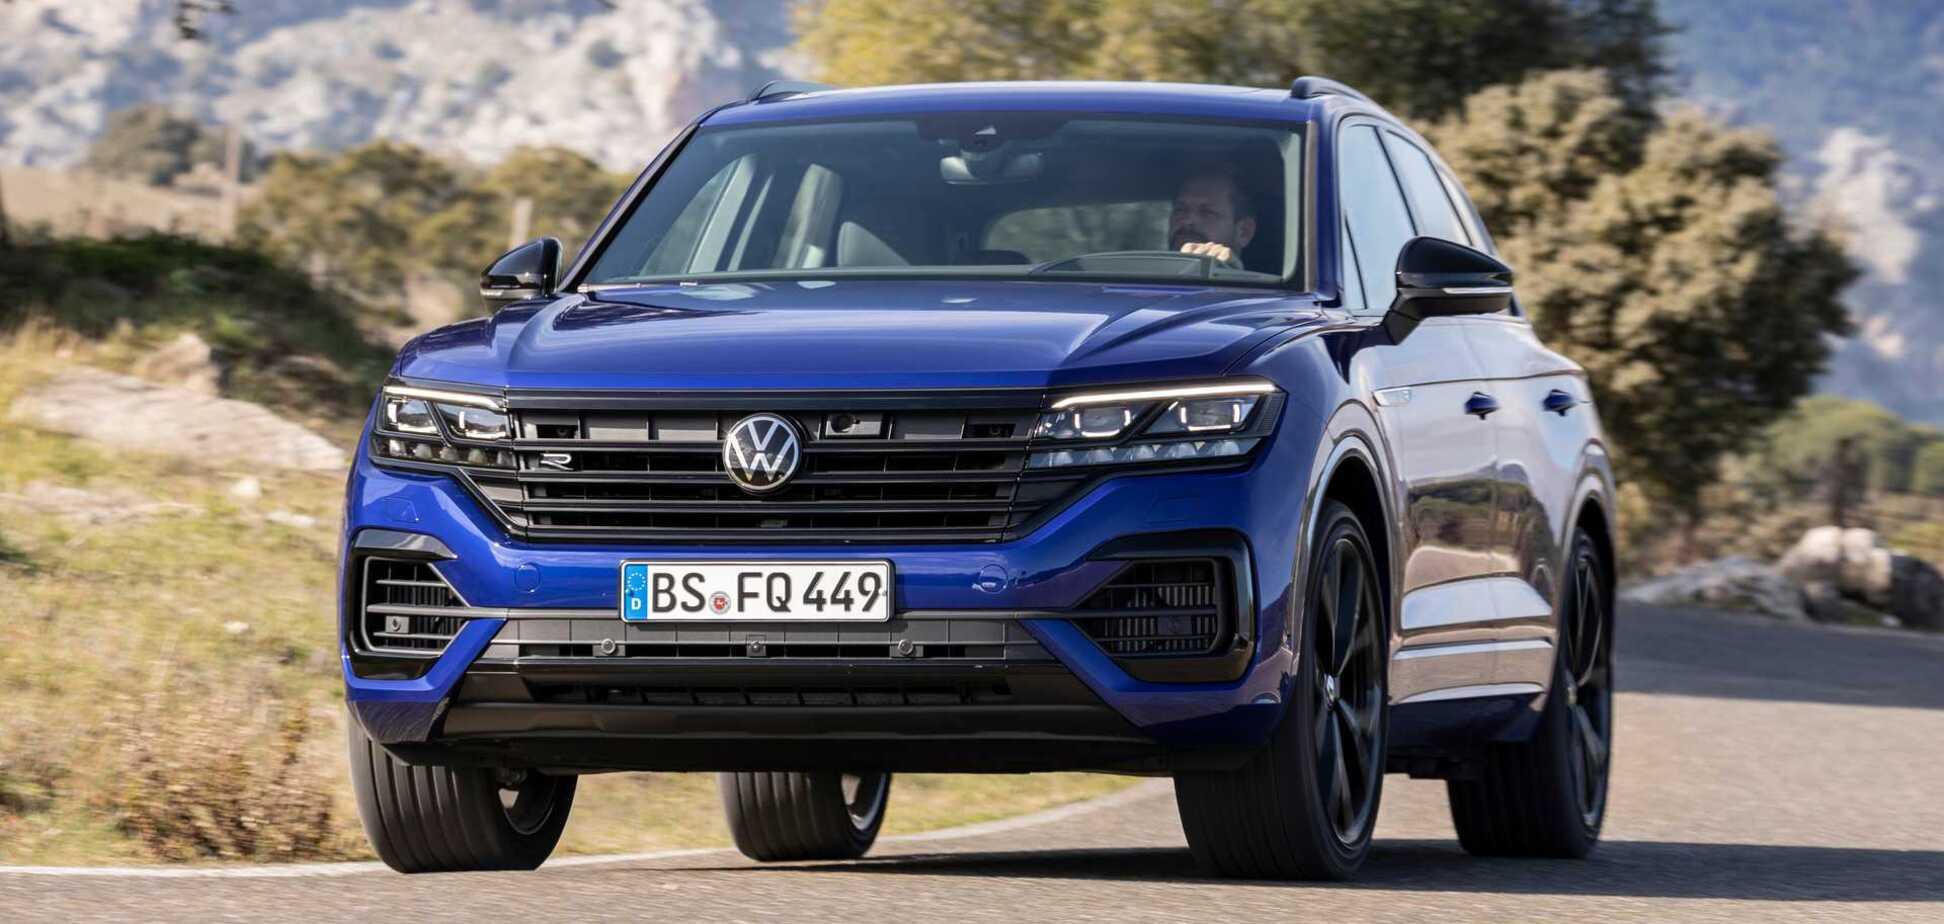 140 км/ч без капли бензина: Volkswagen показал новый Touareg